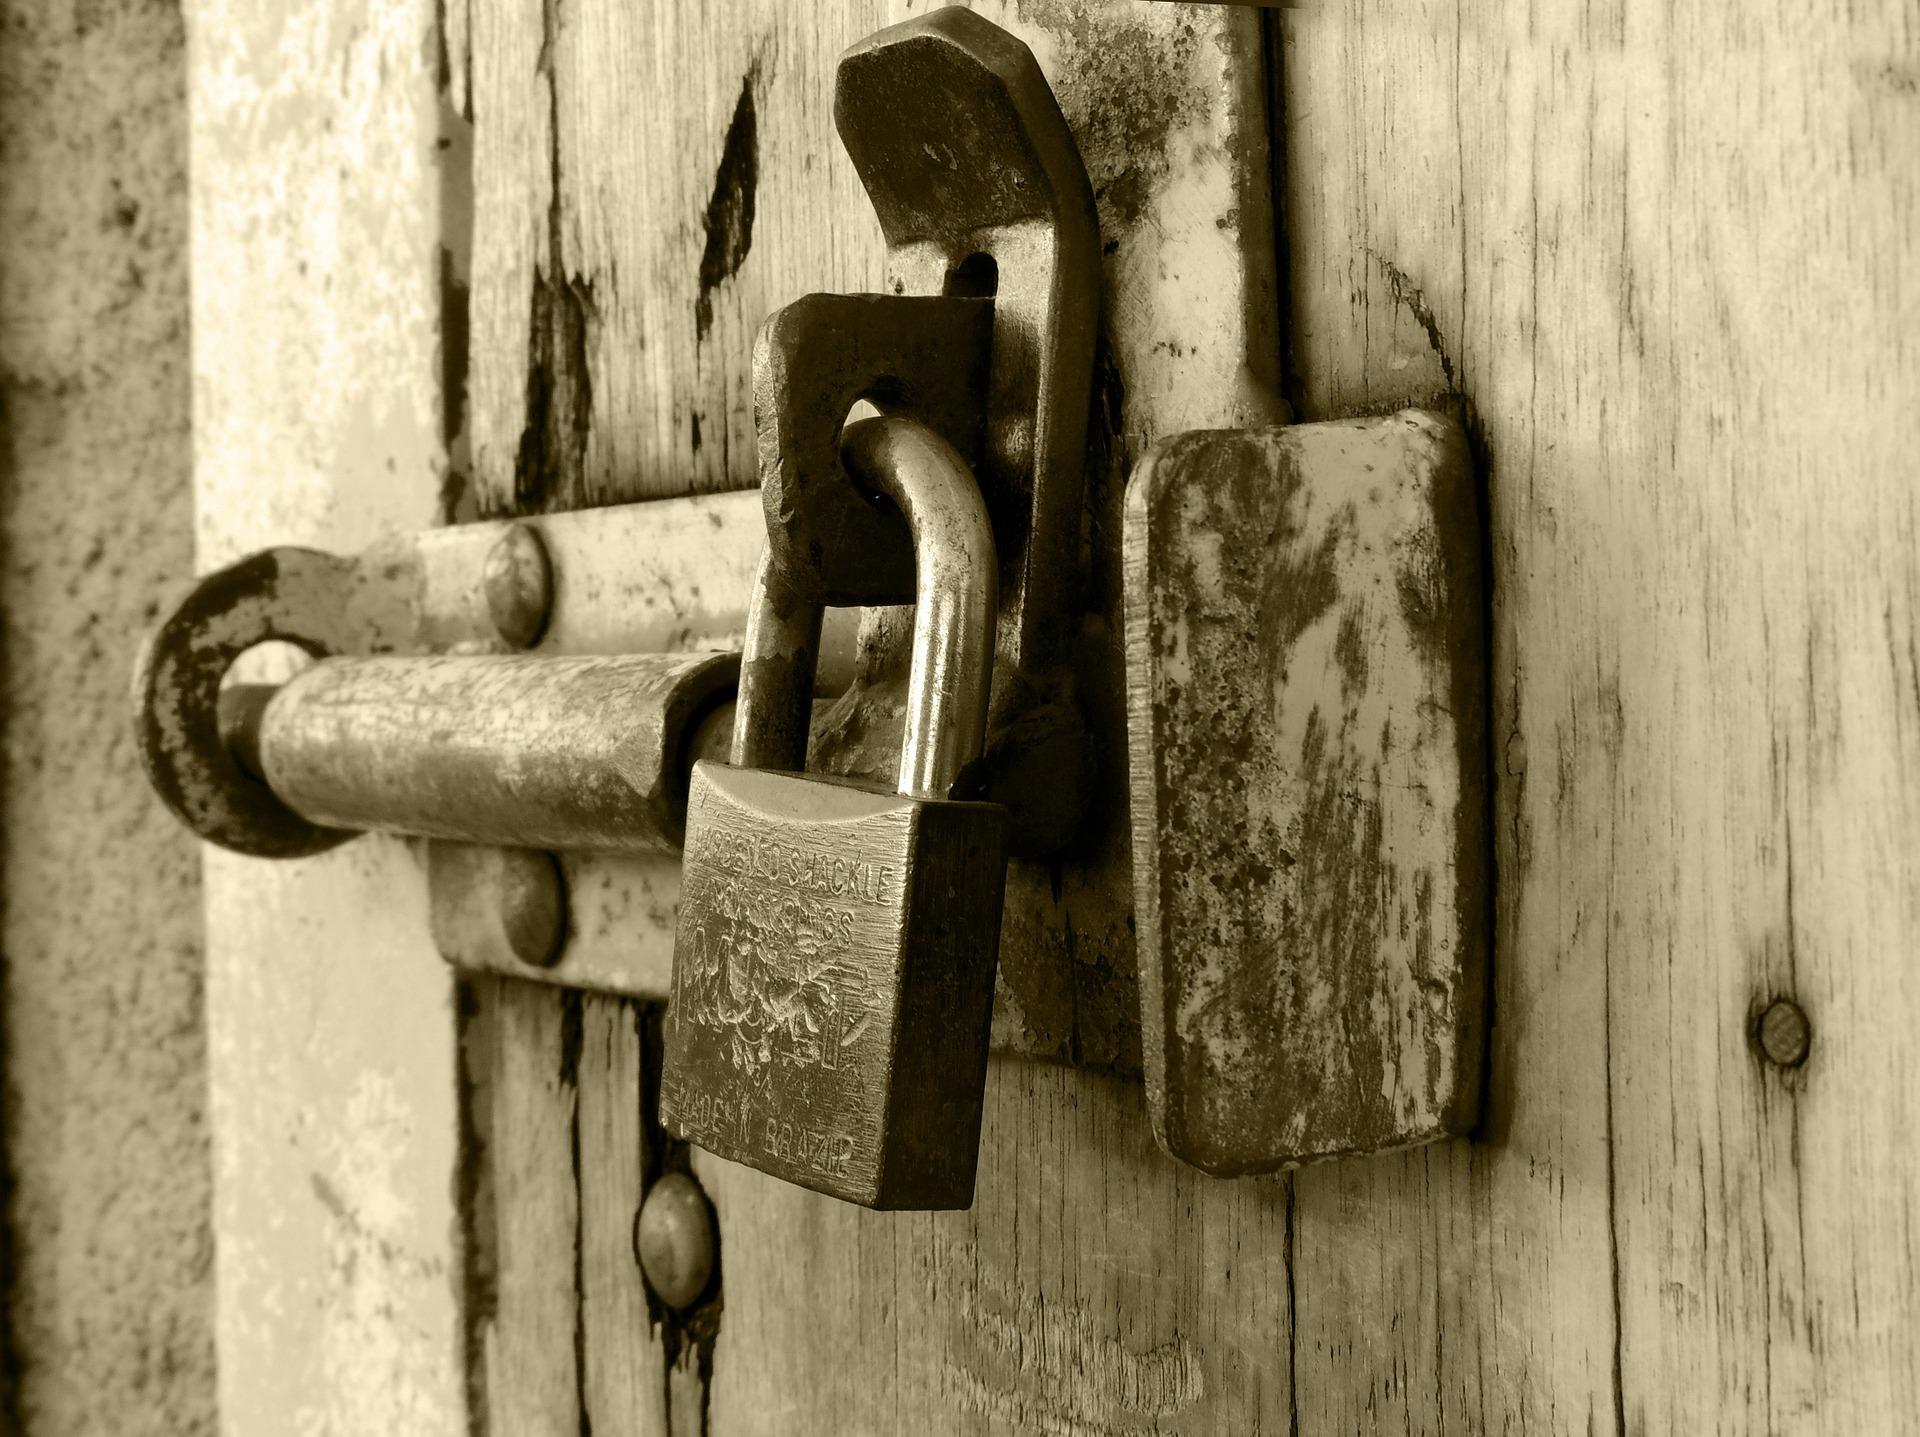 cerradura candado puerta